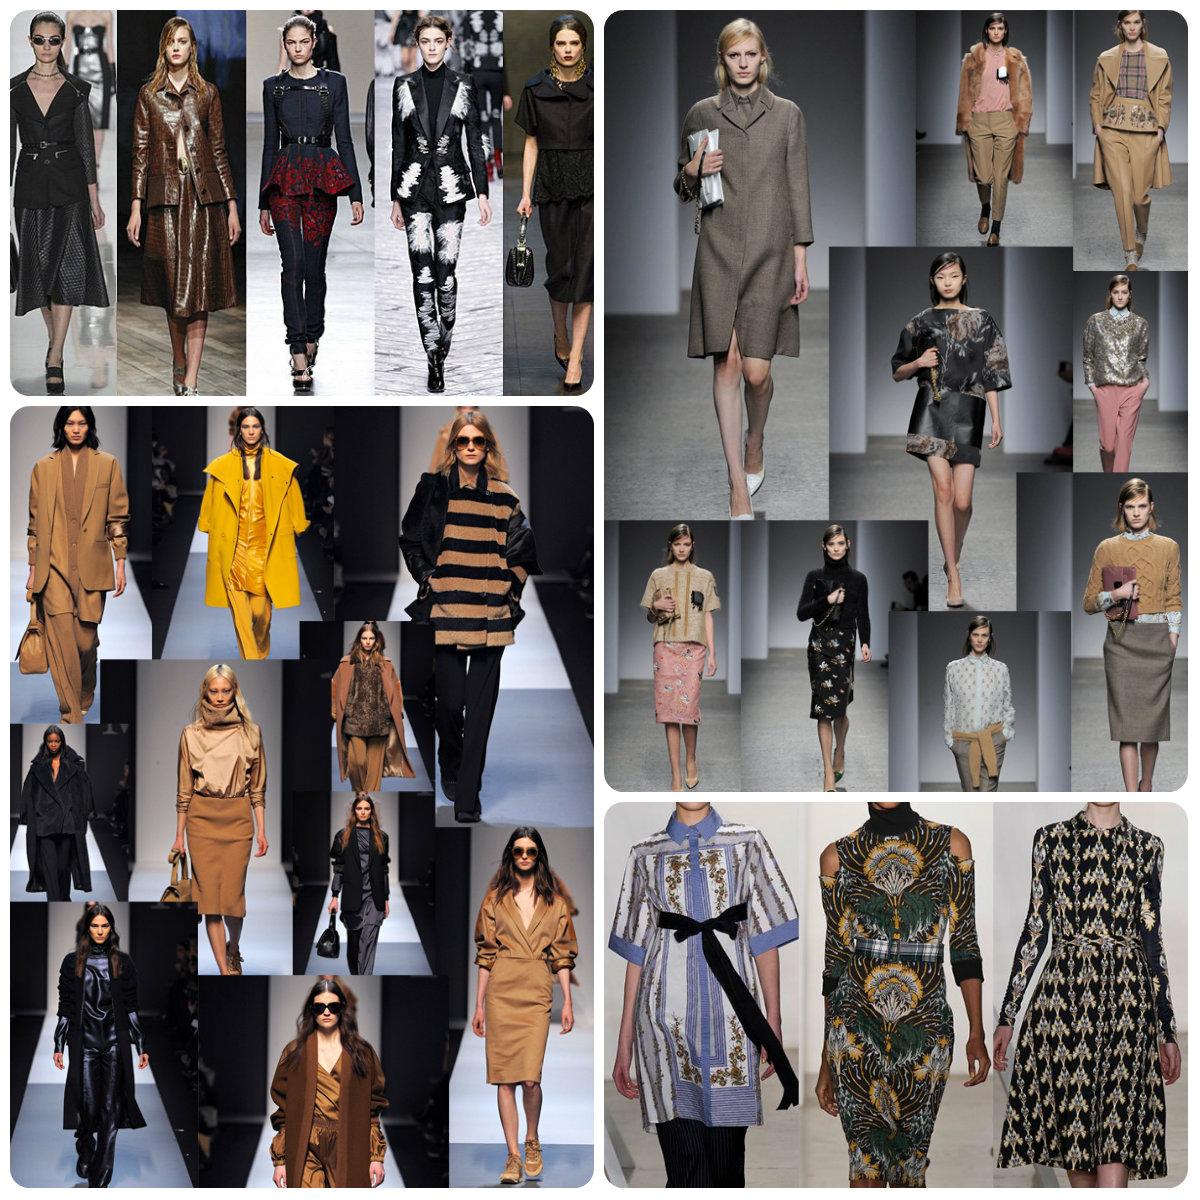 Módne trendy jeseň/zima 2013